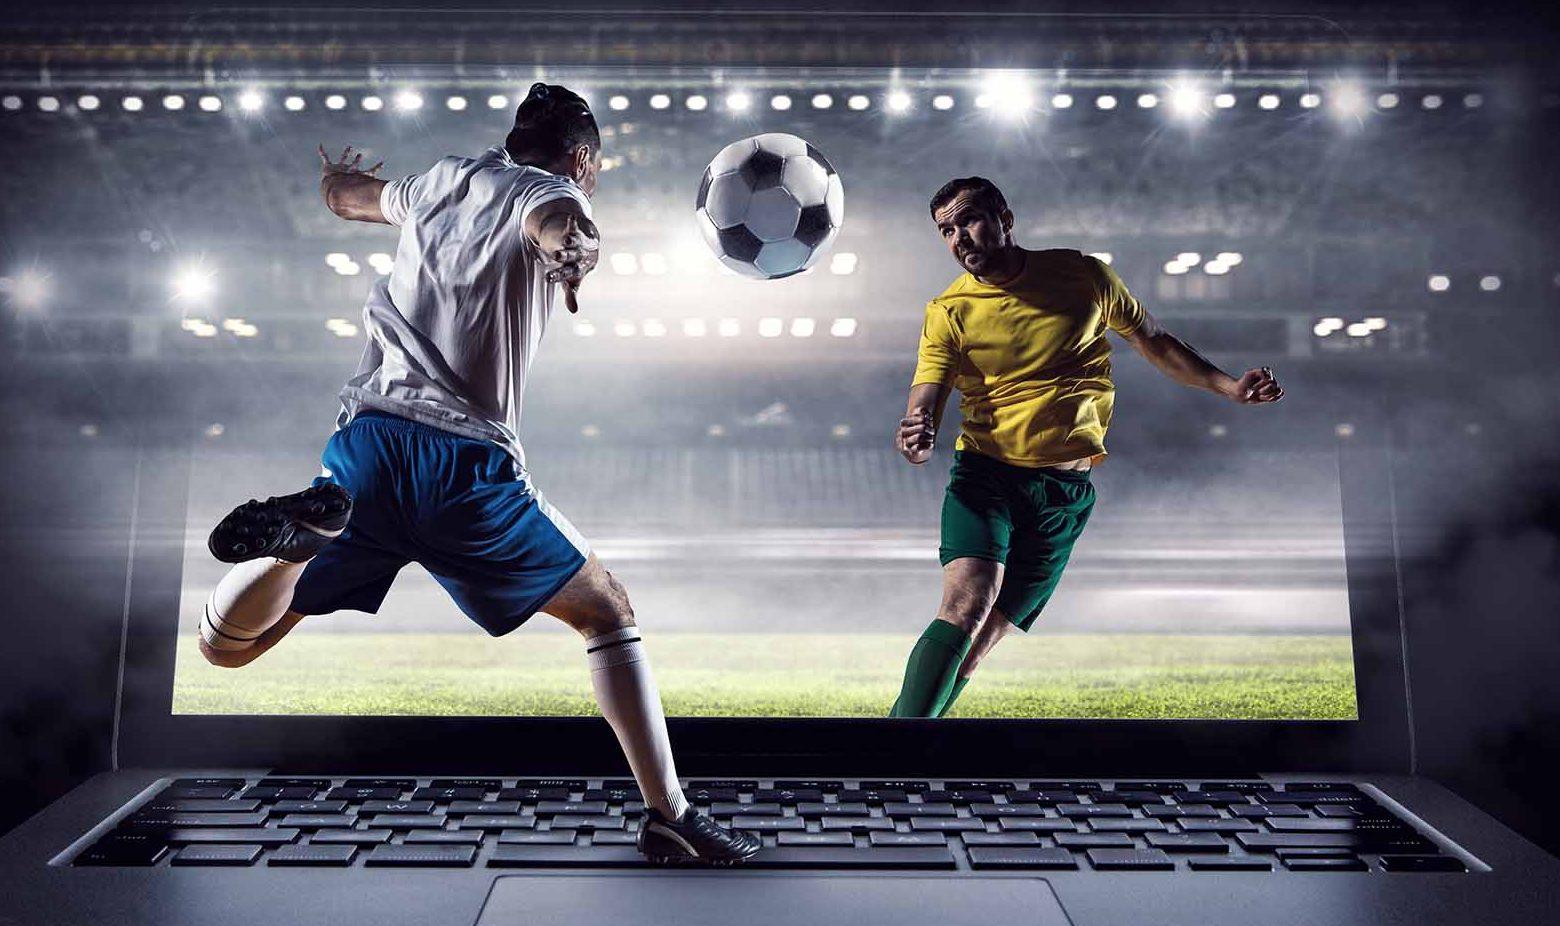 Онлайн ставки и прогнозы на спорт